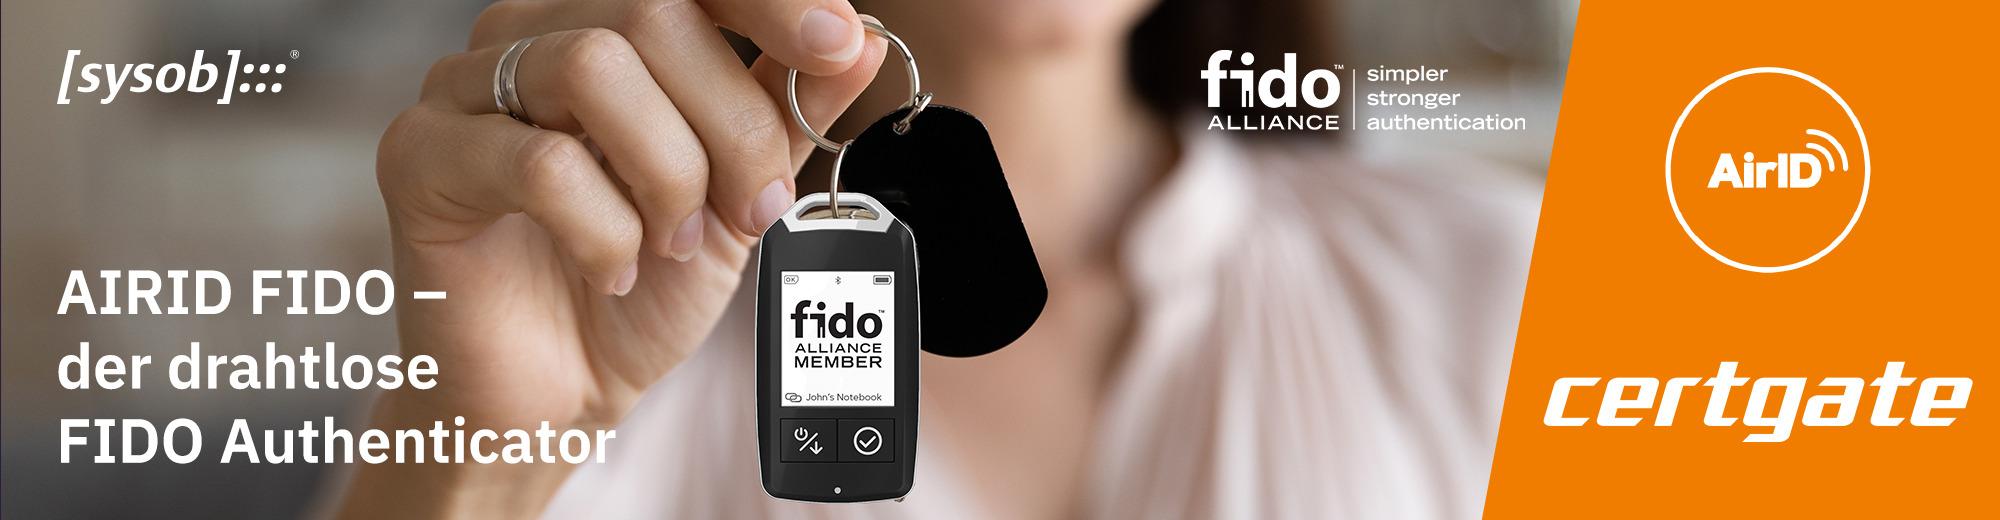 certgate AirID FIDO